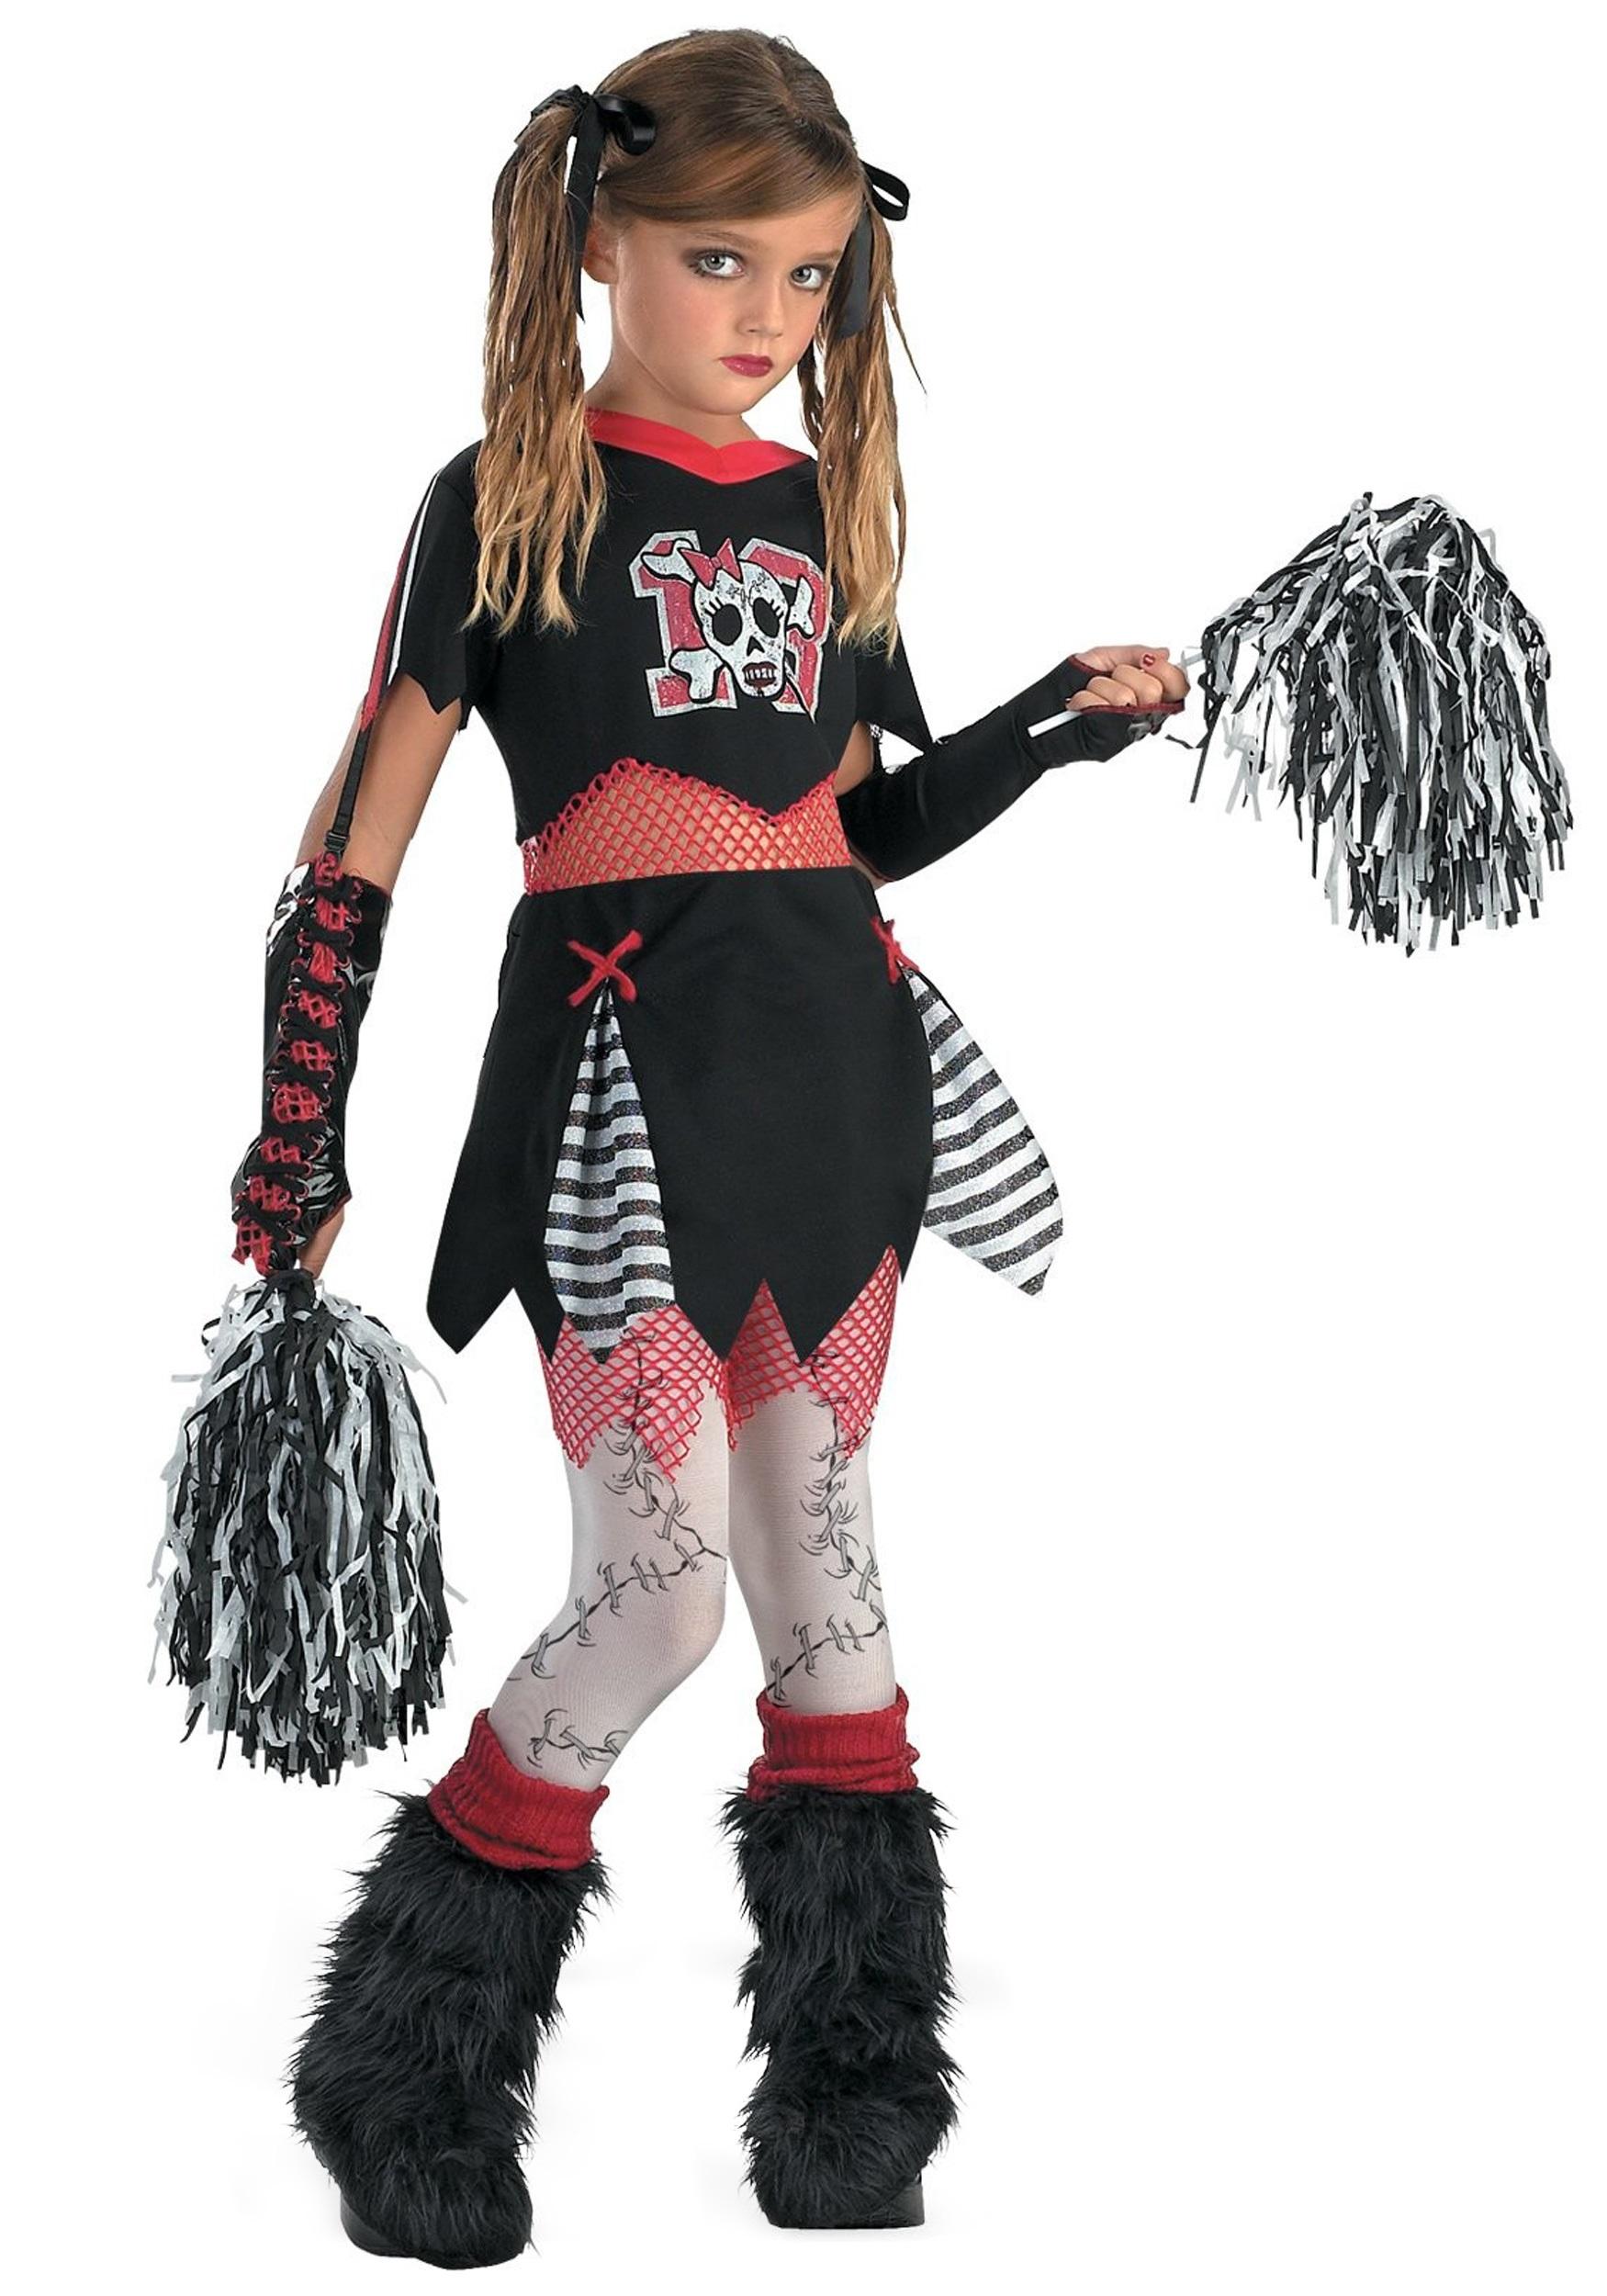 Kids Gothic Cheerleader Costume | Girl's Cheerleader Costume